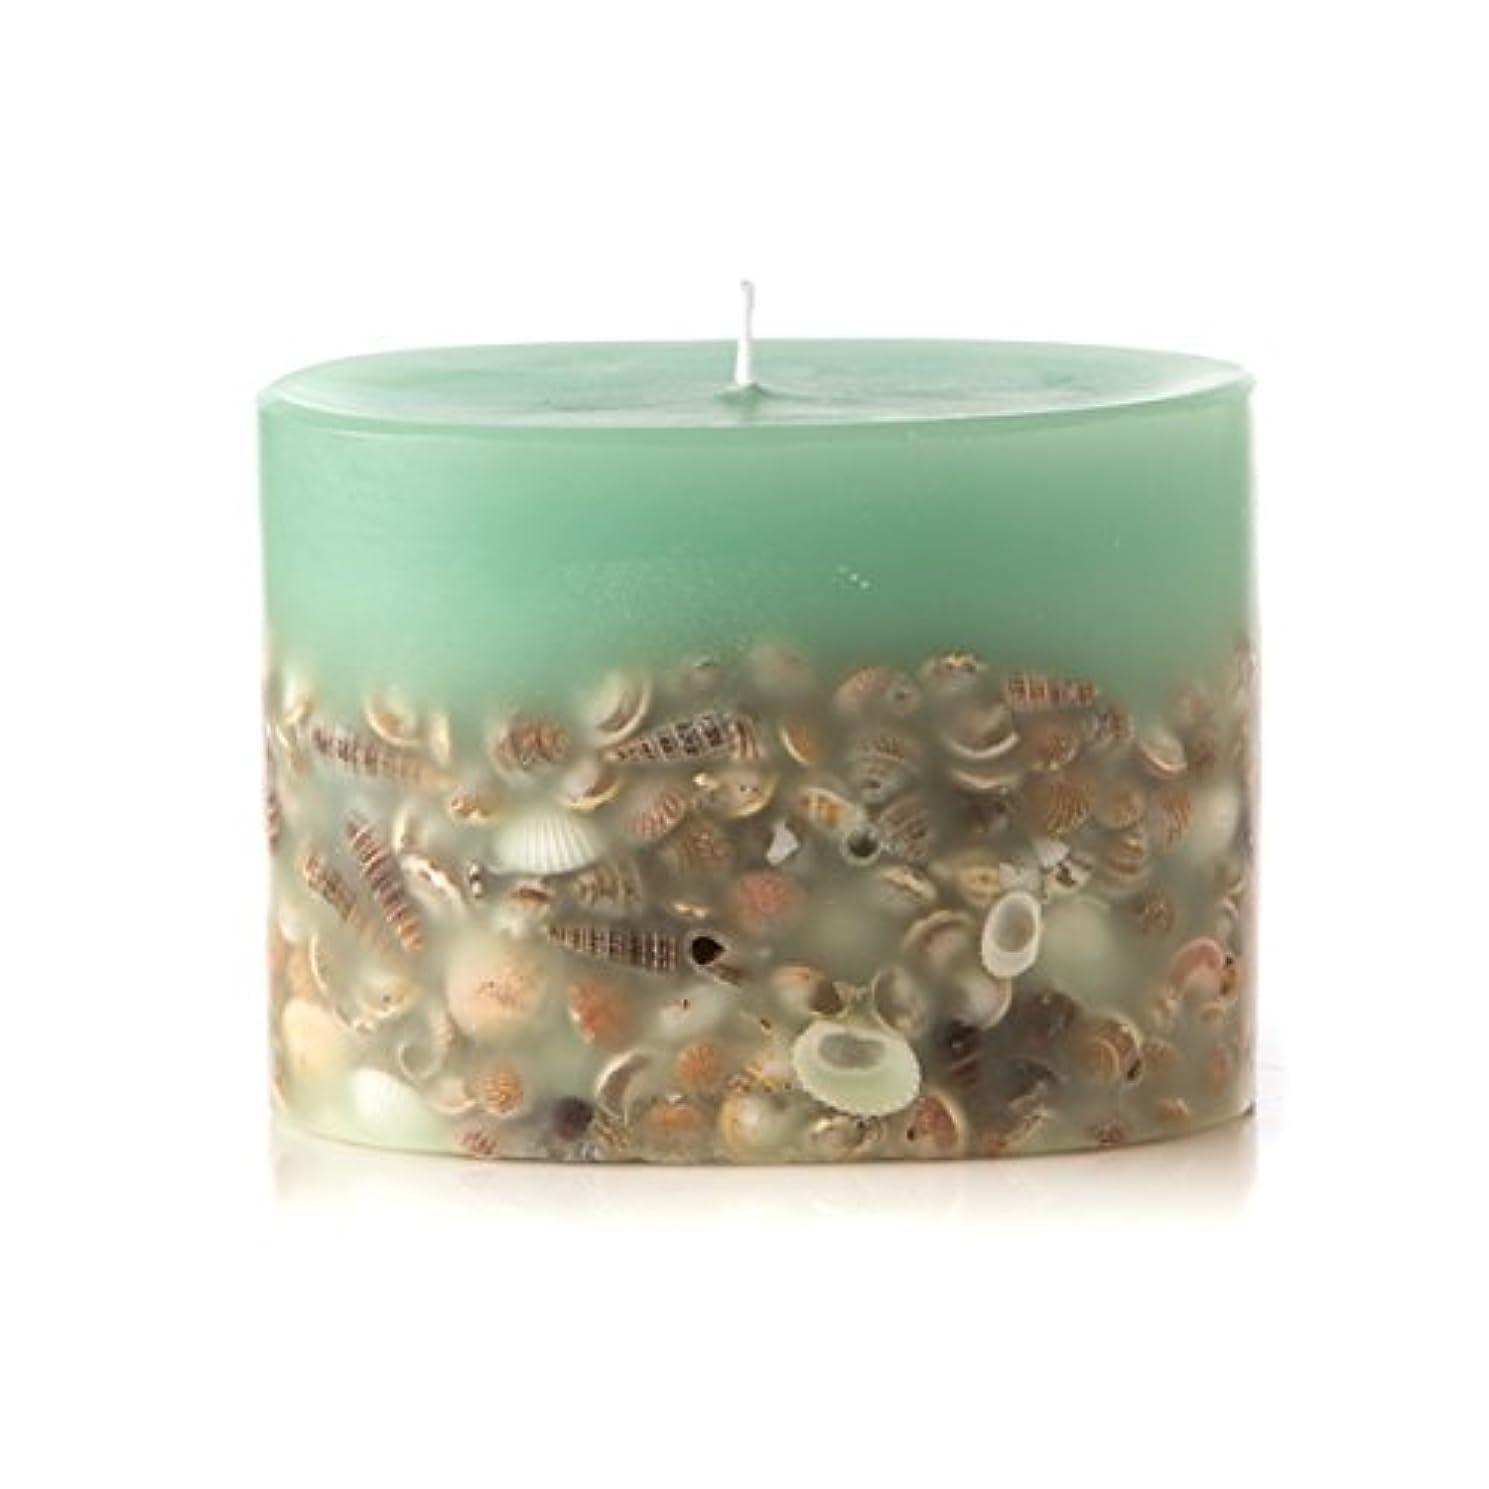 憂鬱な最終的に猛烈なロージーリングス プティボタニカルキャンドル シーグラス ROSY RINGS Petite Oval Botanical Candle Sea Glass